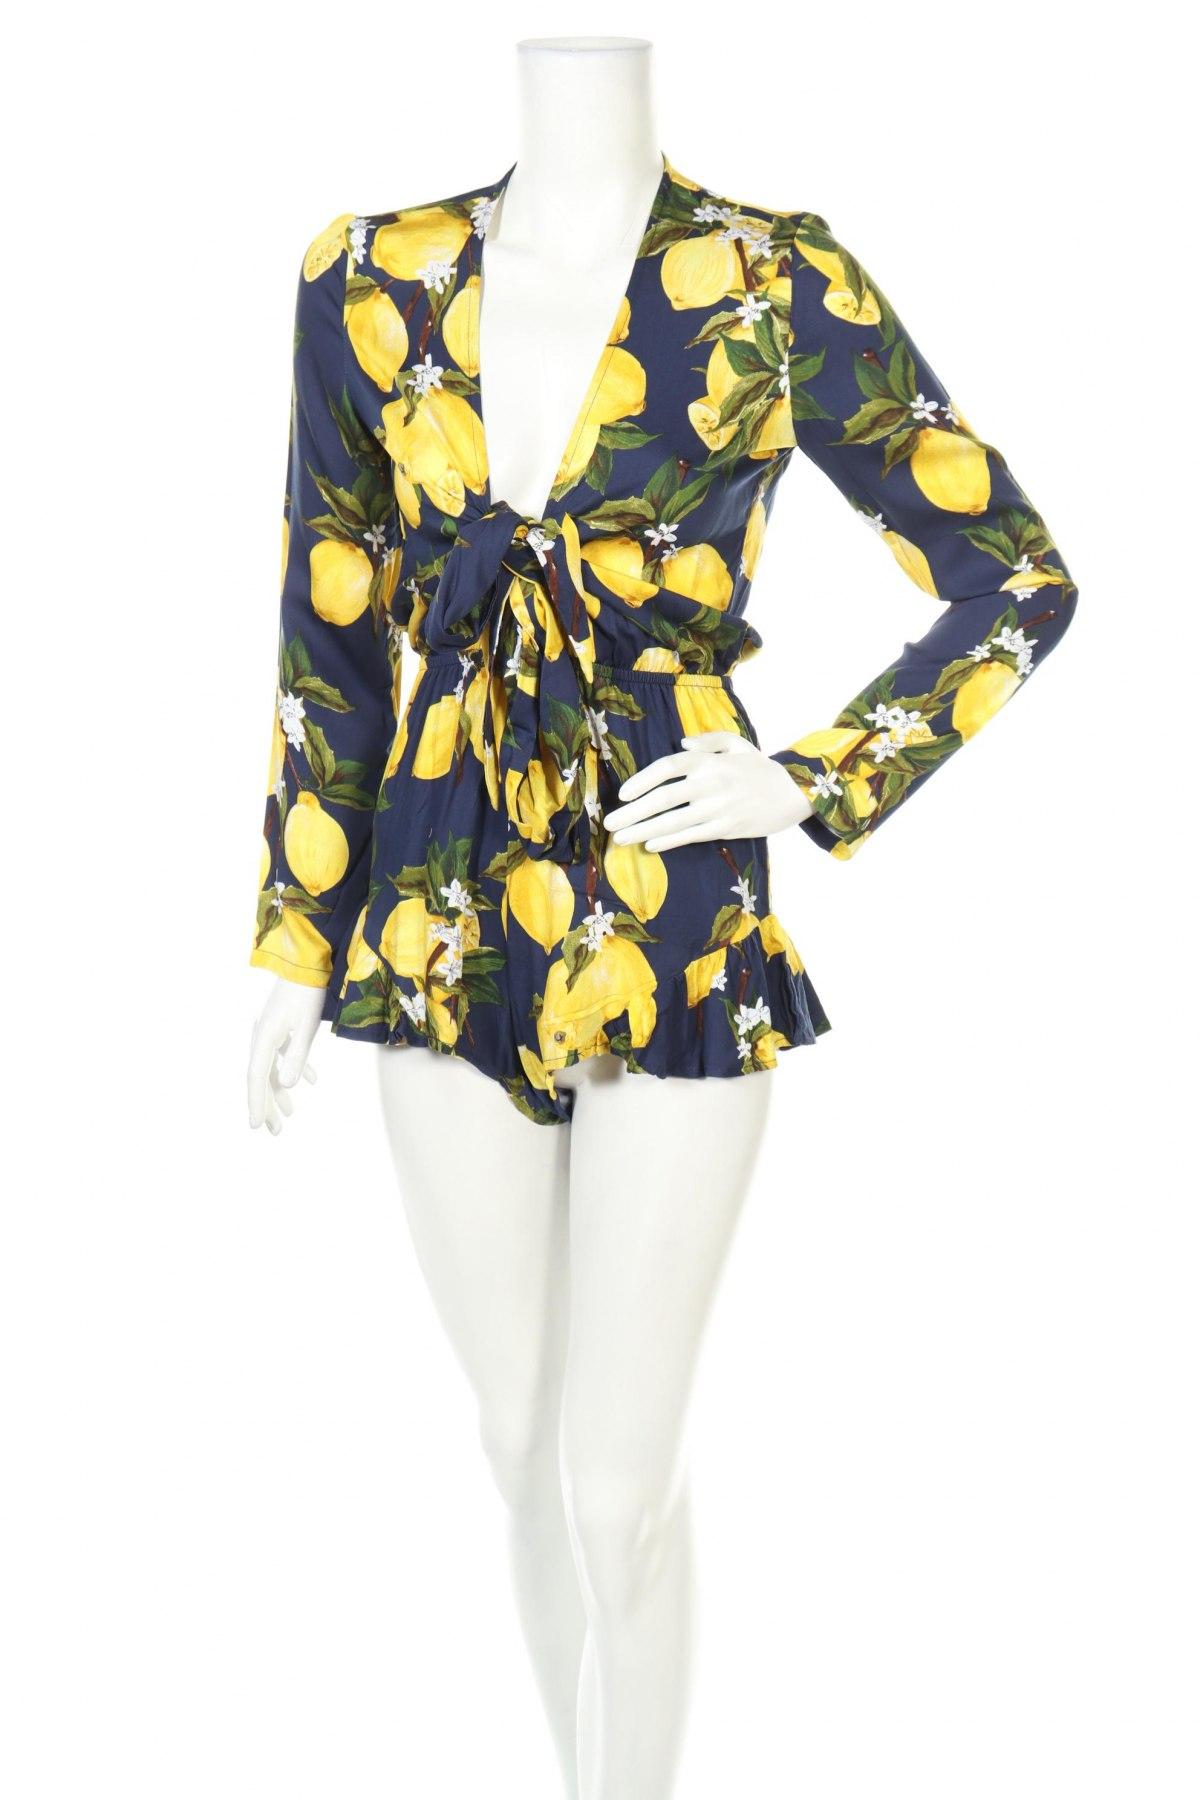 Γυναικεία σαλοπέτα Glamorous, Μέγεθος XS, Χρώμα Μπλέ, 100% βισκόζη, Τιμή 16,94€